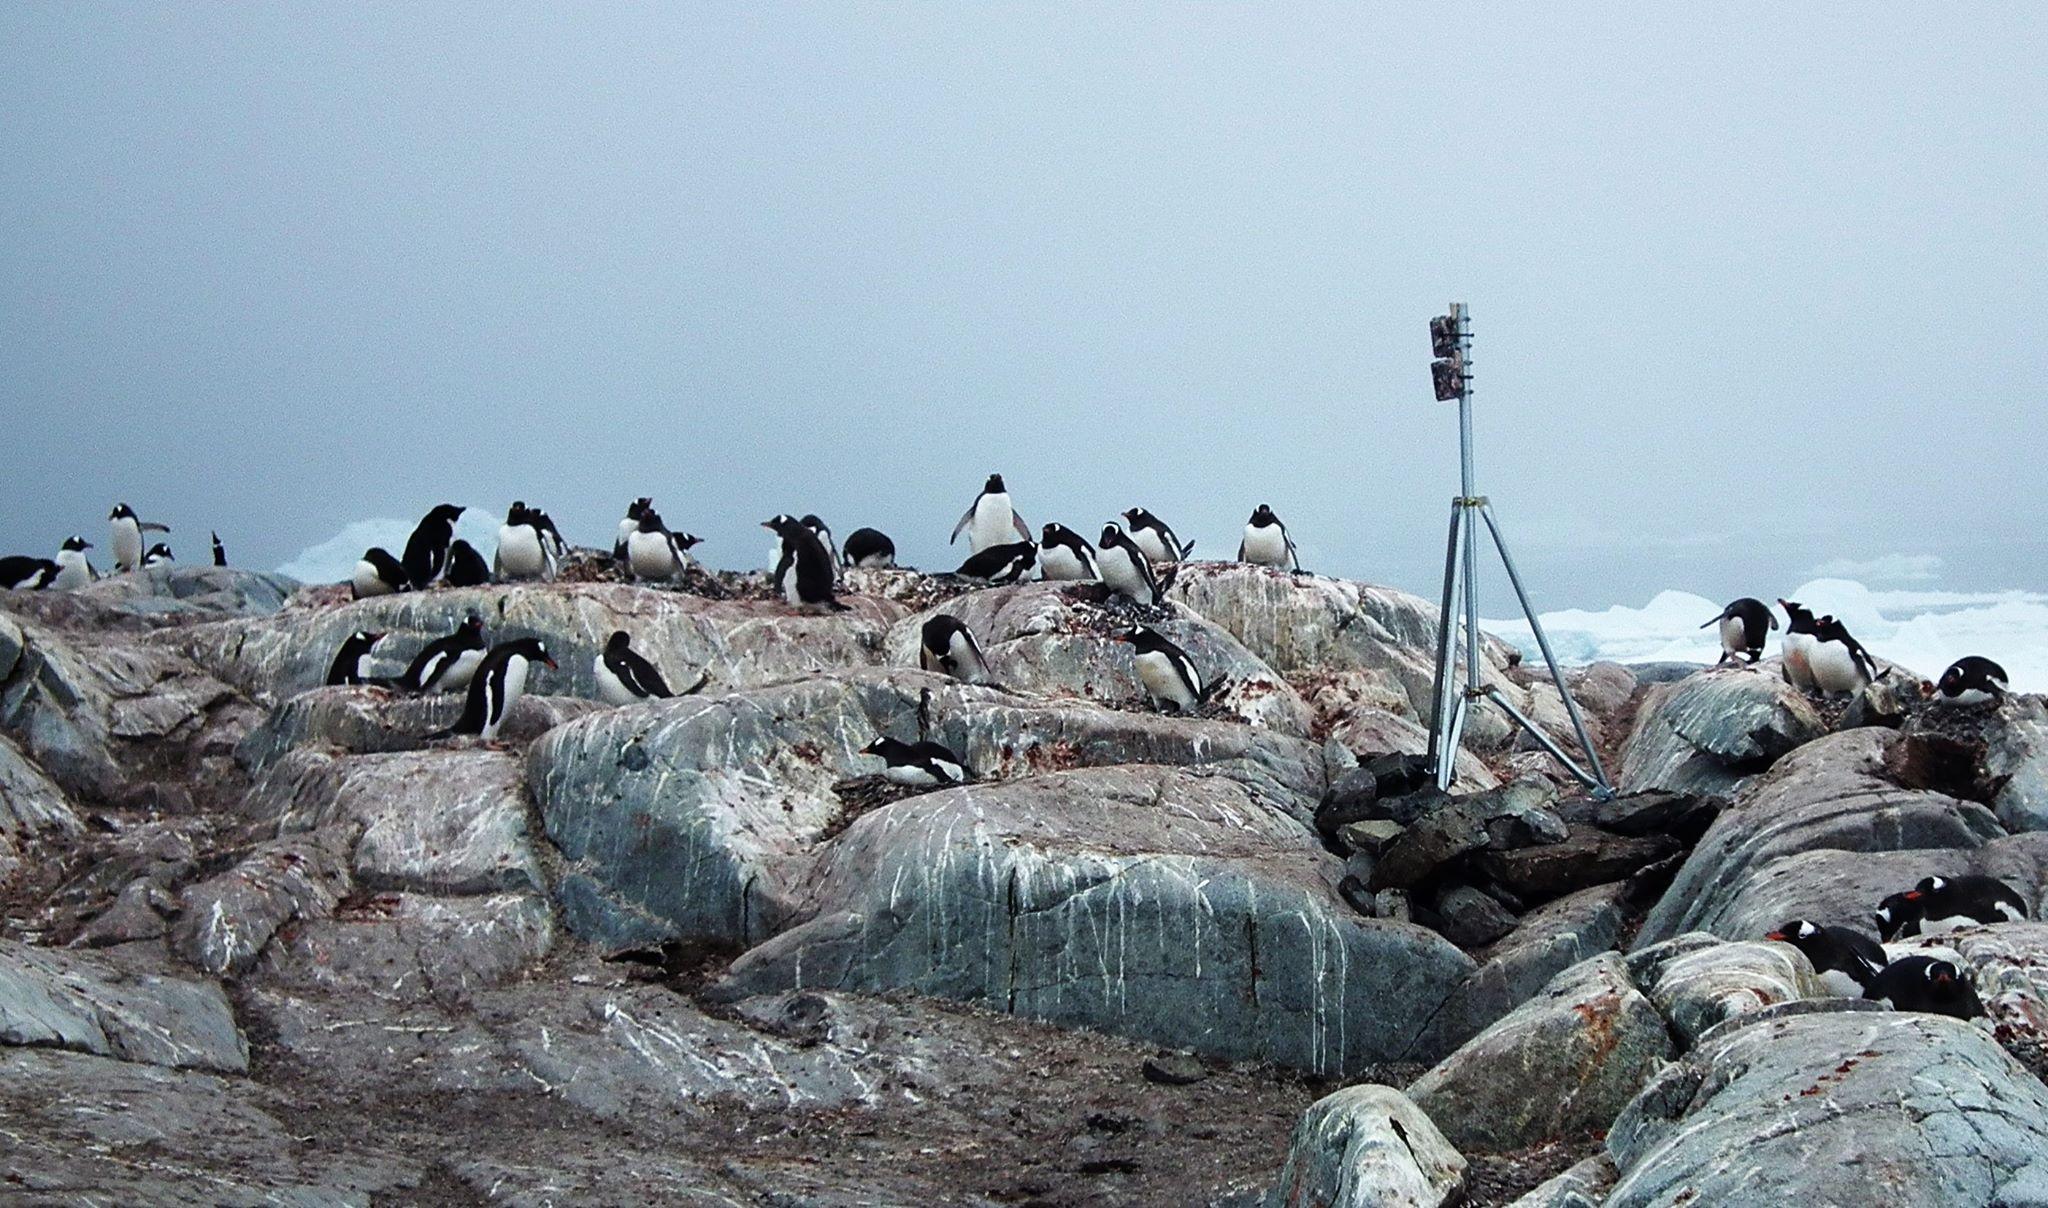 Діти, рахуймо пінгвінів! Залучаємо школярів до досліджень екології Антарктики